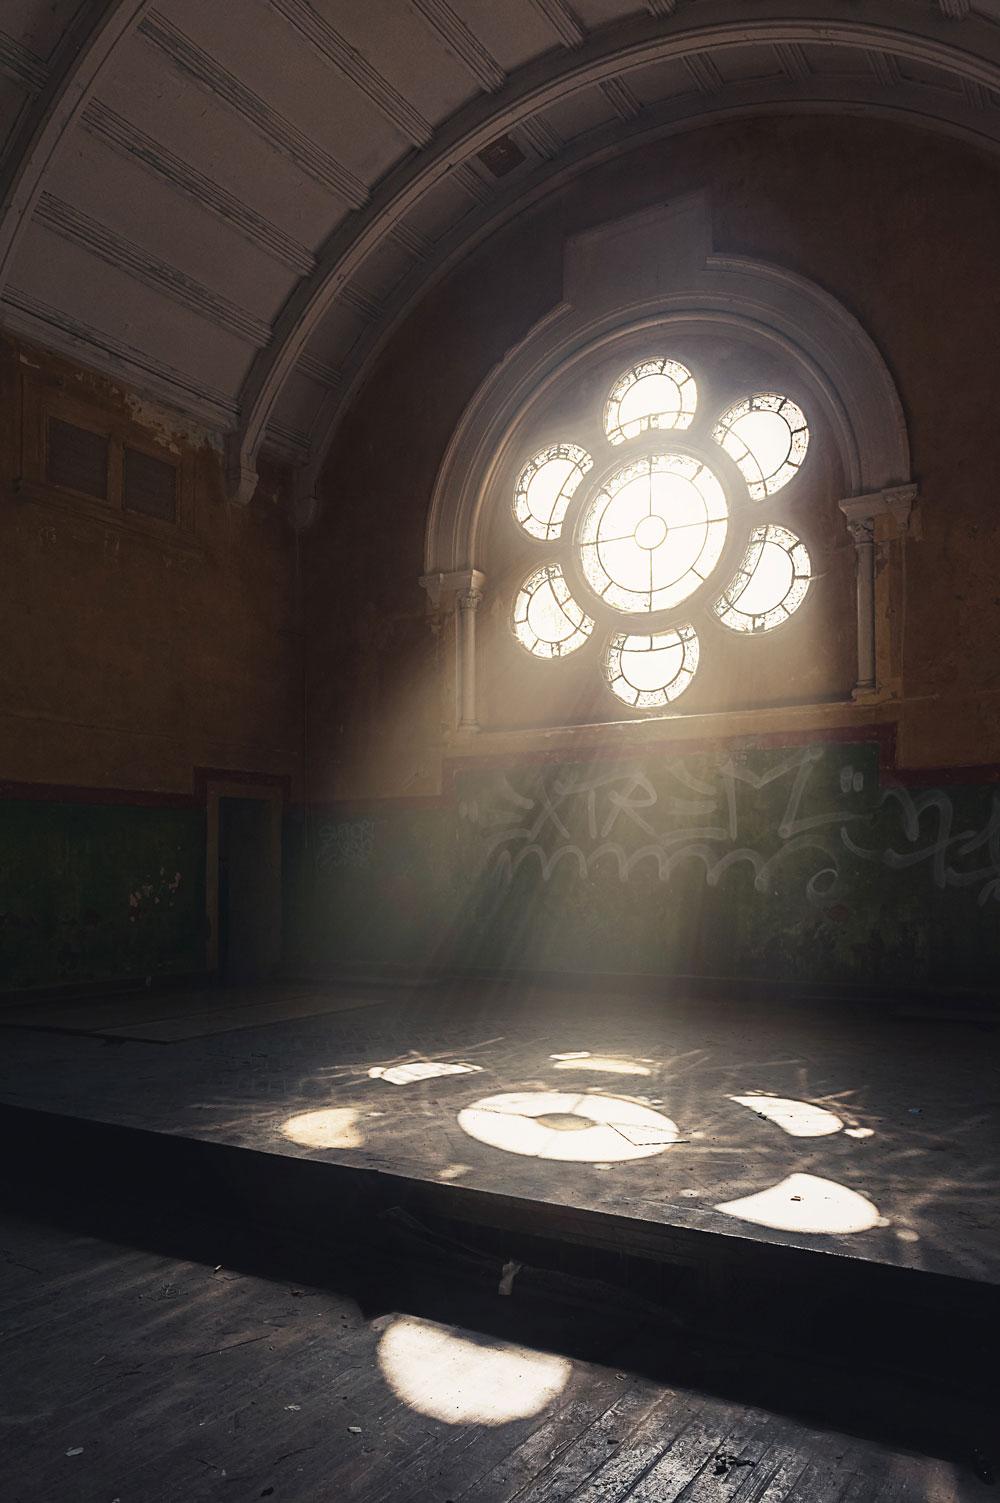 Licht fällt durch das große Rosettenfenster am Ende des Saales. Die Stimmung wurde mit Photoshop noch etwas verstärkt.